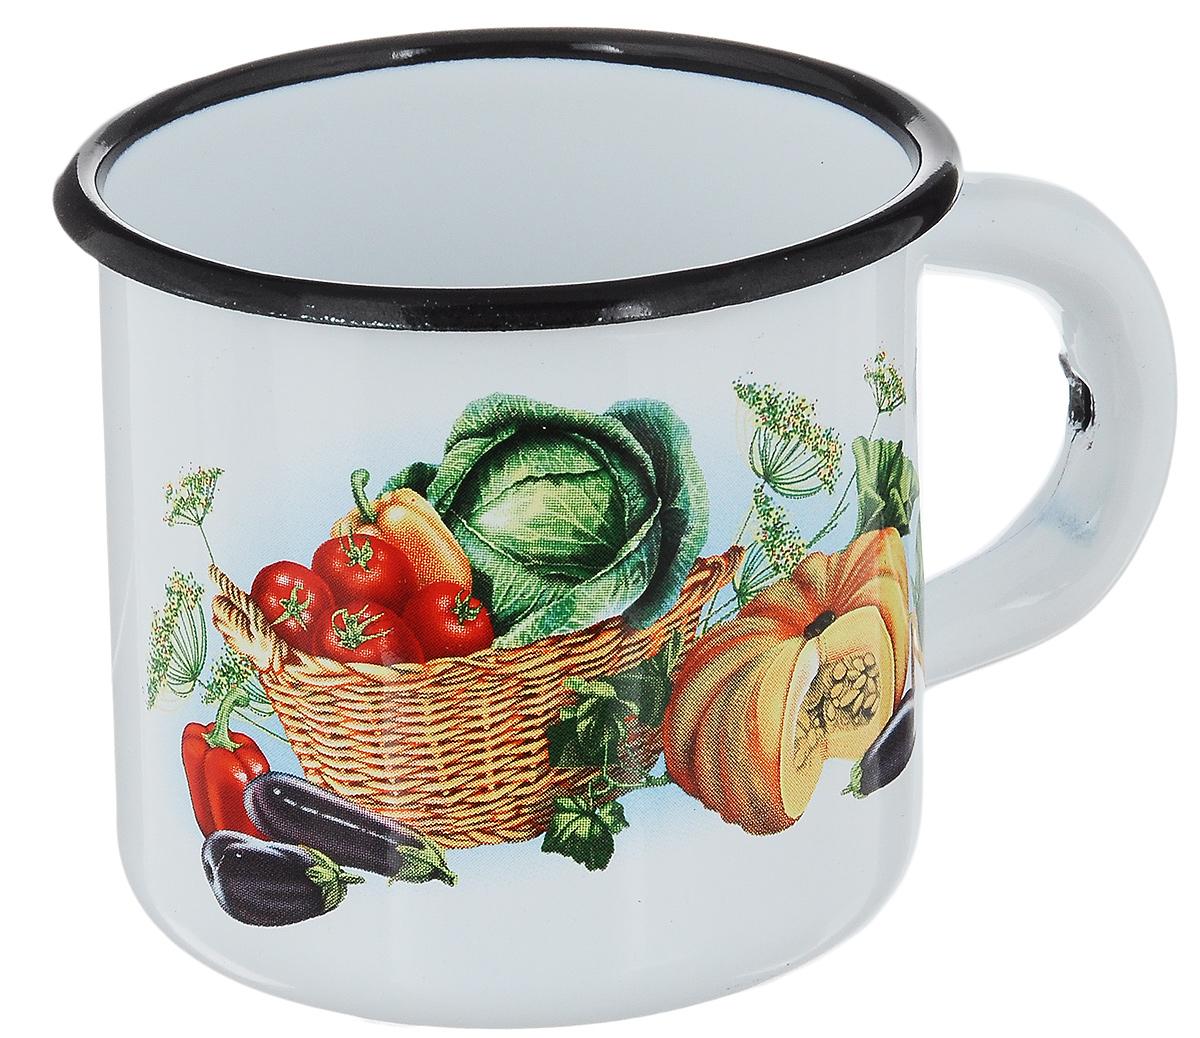 Кружка эмалированная СтальЭмаль Овощи, 250 мл кружка стальэмаль 1 л с рисунком